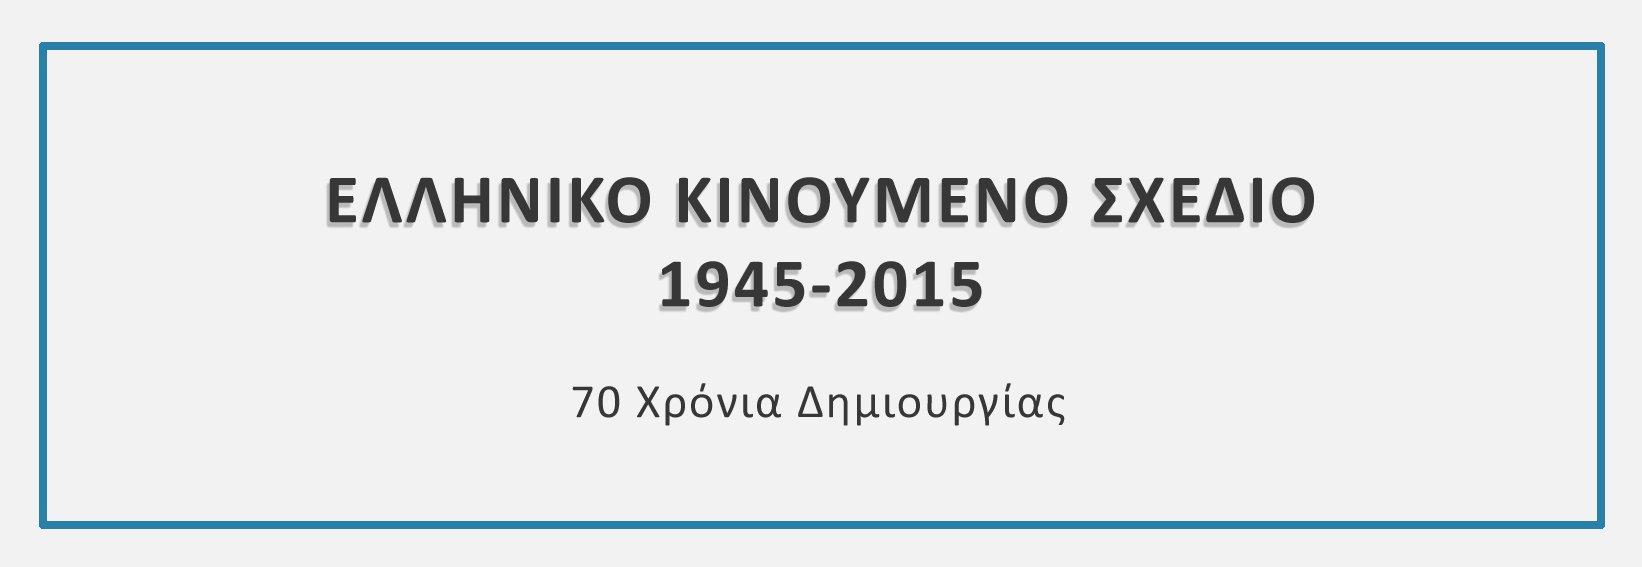 ee587a3ecb7 2009 - Greek animation